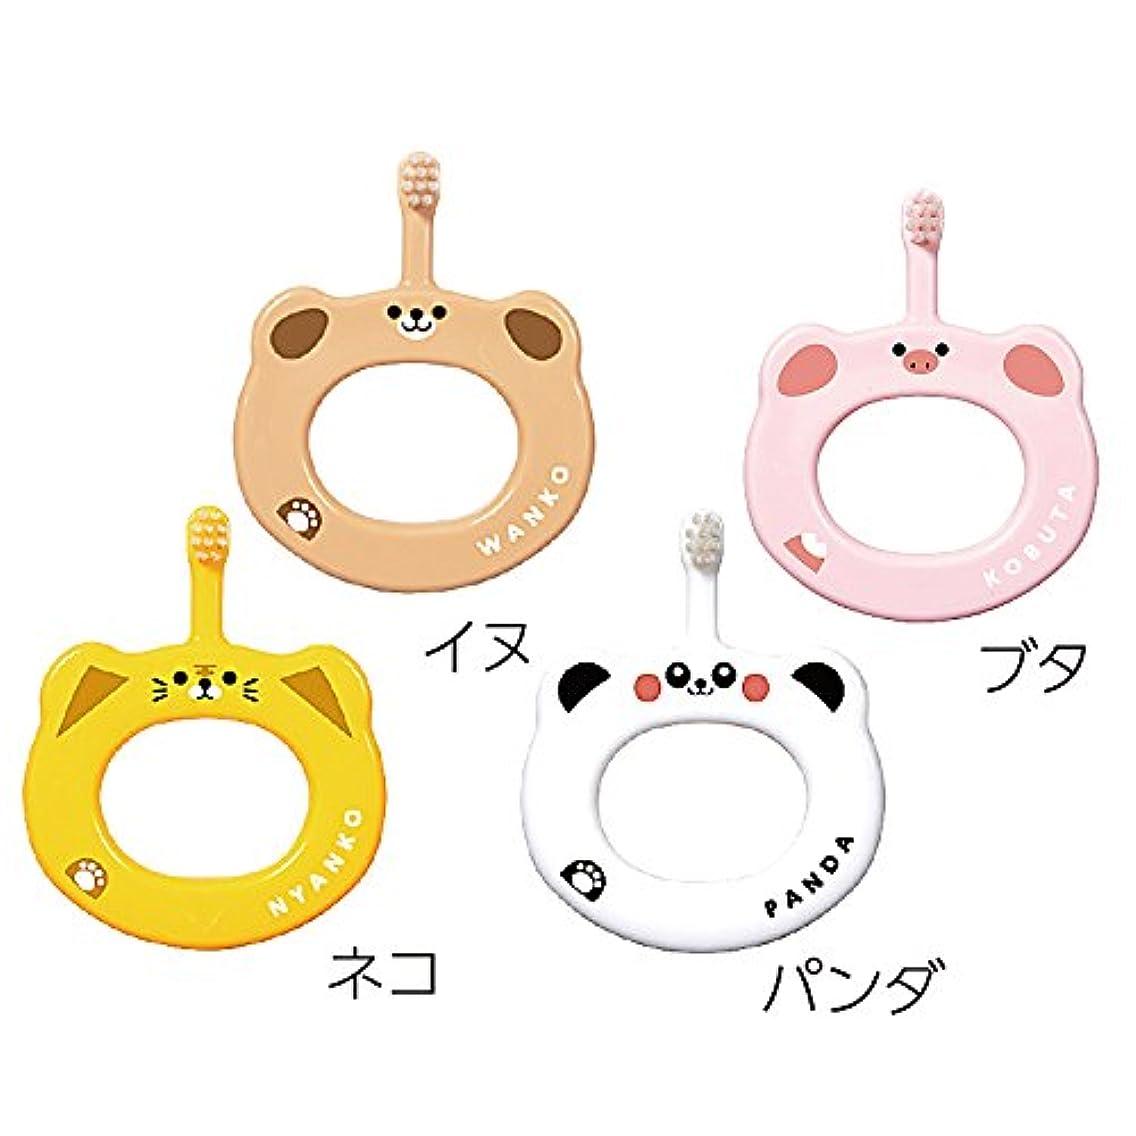 ジュラシックパーク発明する反映するCi ベビー 歯ブラシ 動物柄 リング 4本セット (ブタ、パンダ、ネコ、イヌ)